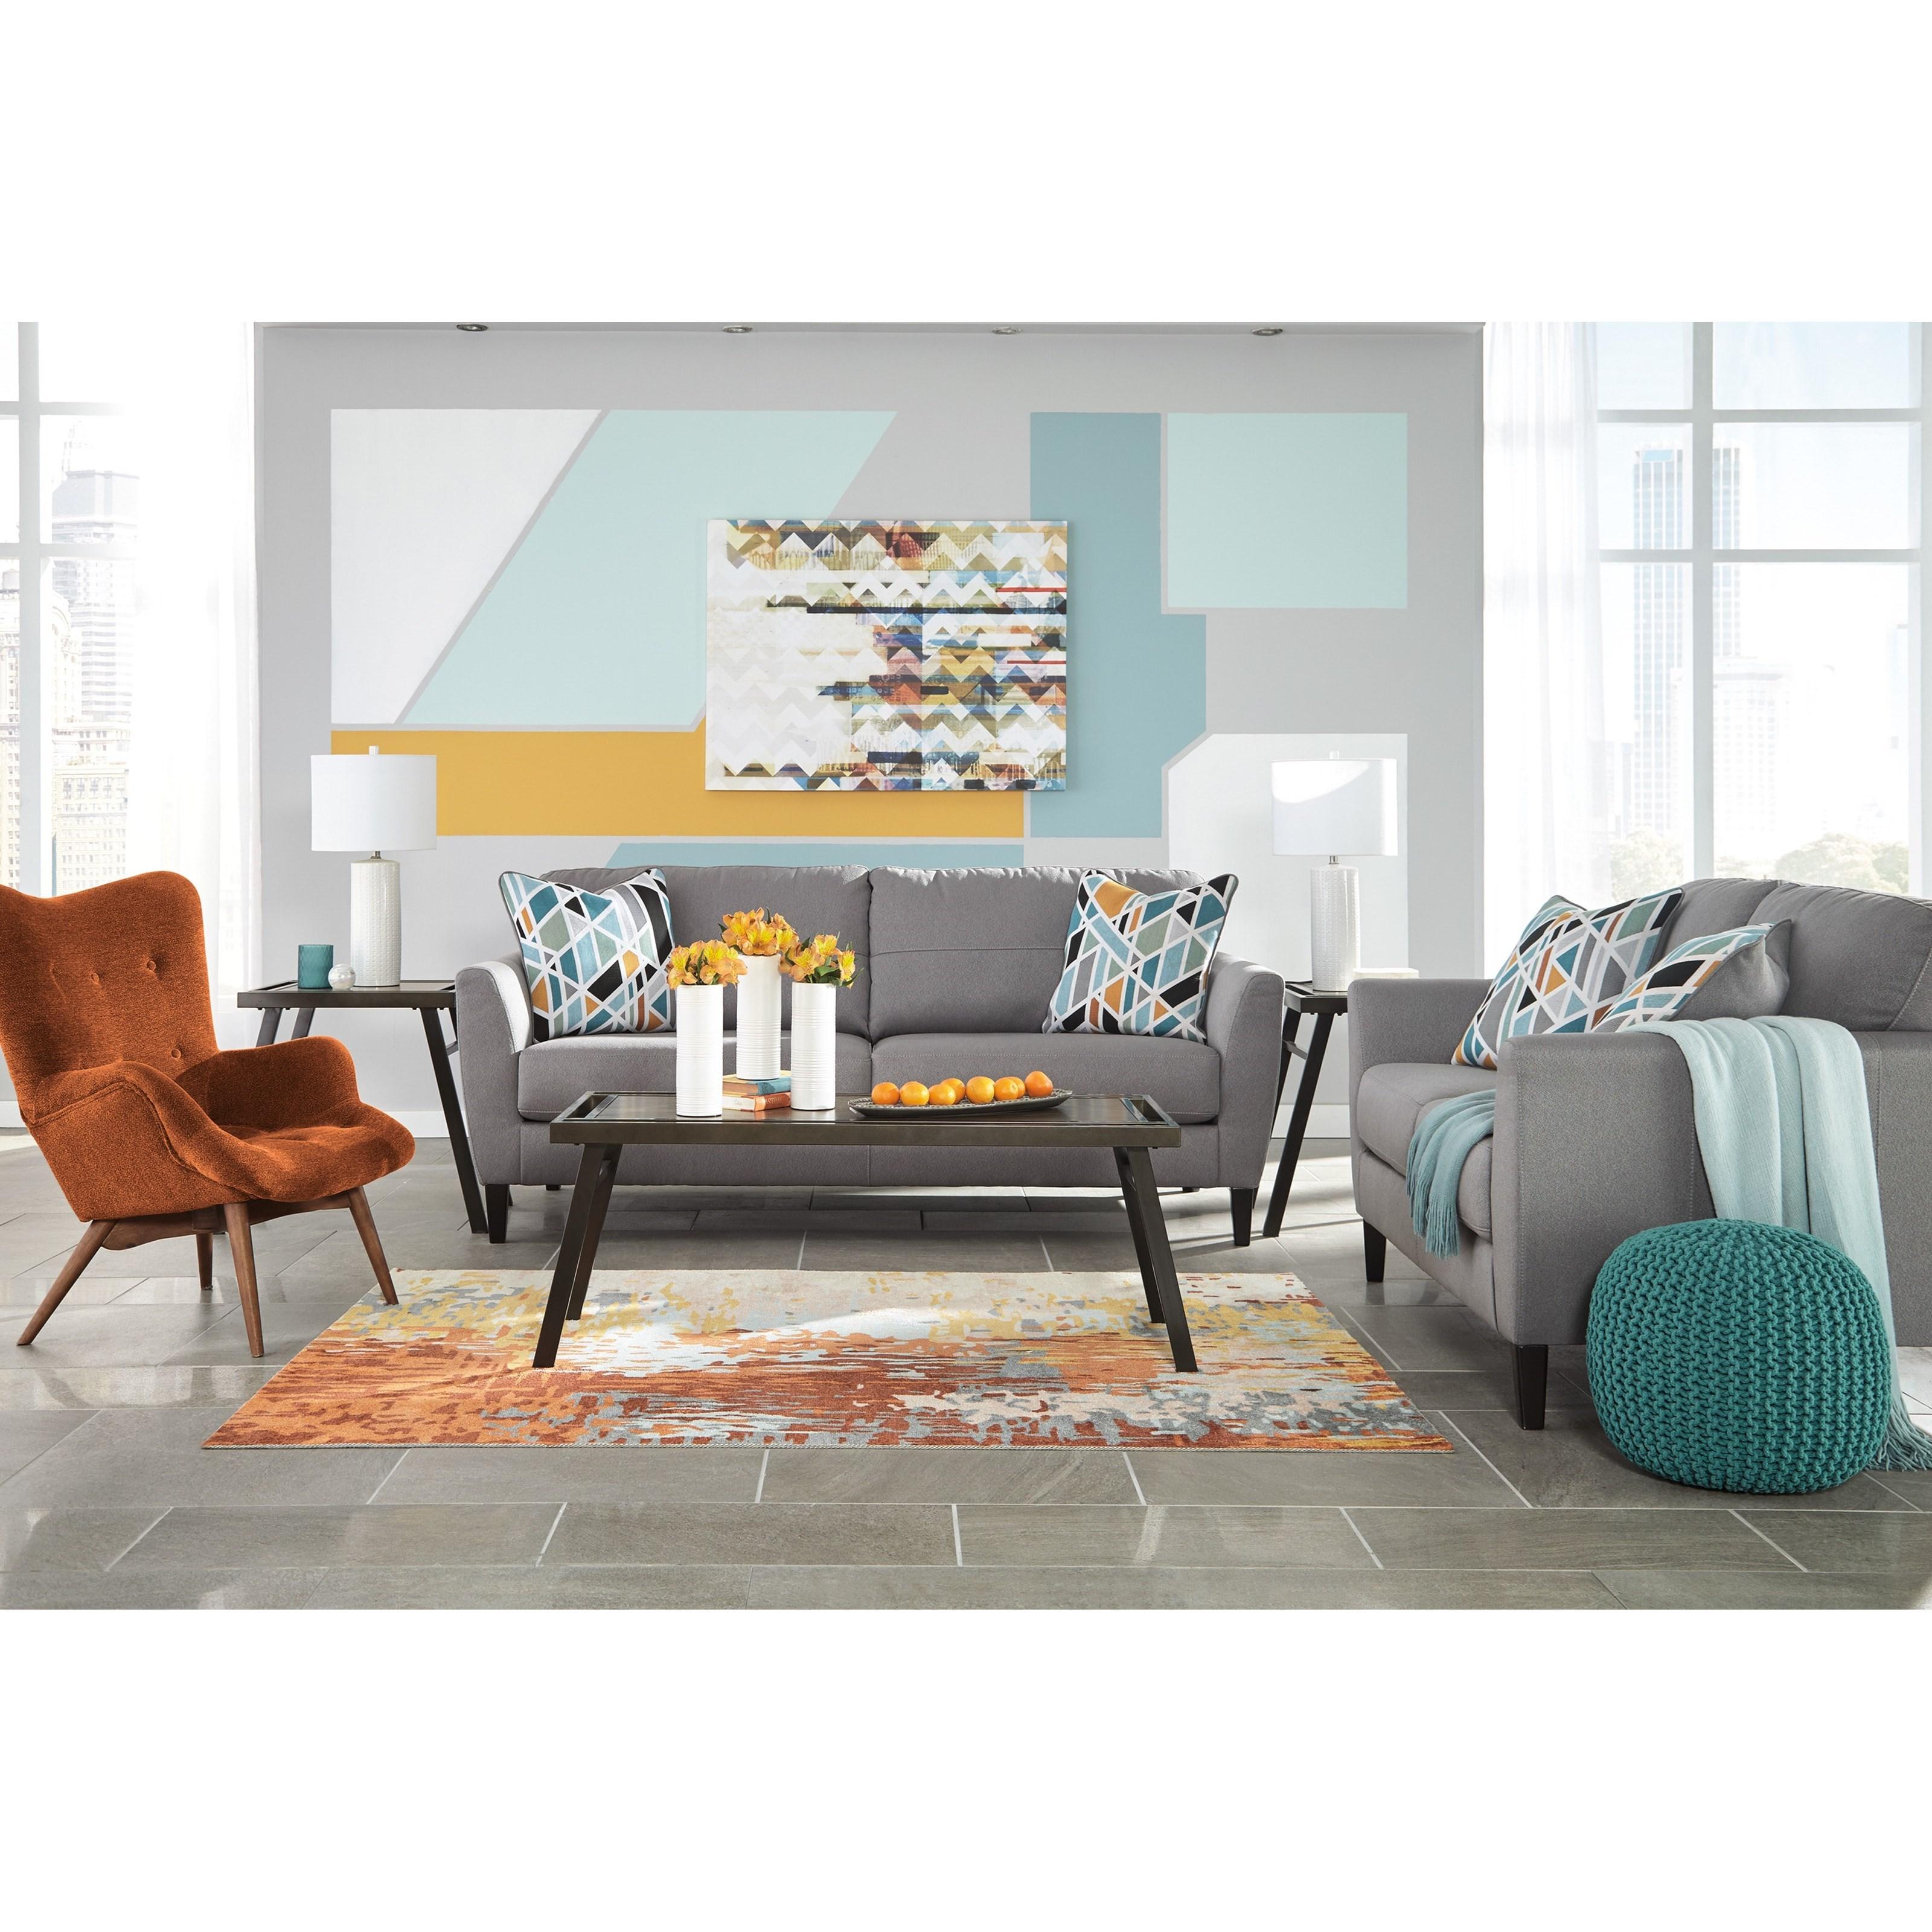 Benchcraft Pelsor Stationary Living Room Group Del Sol Furniture Stationa